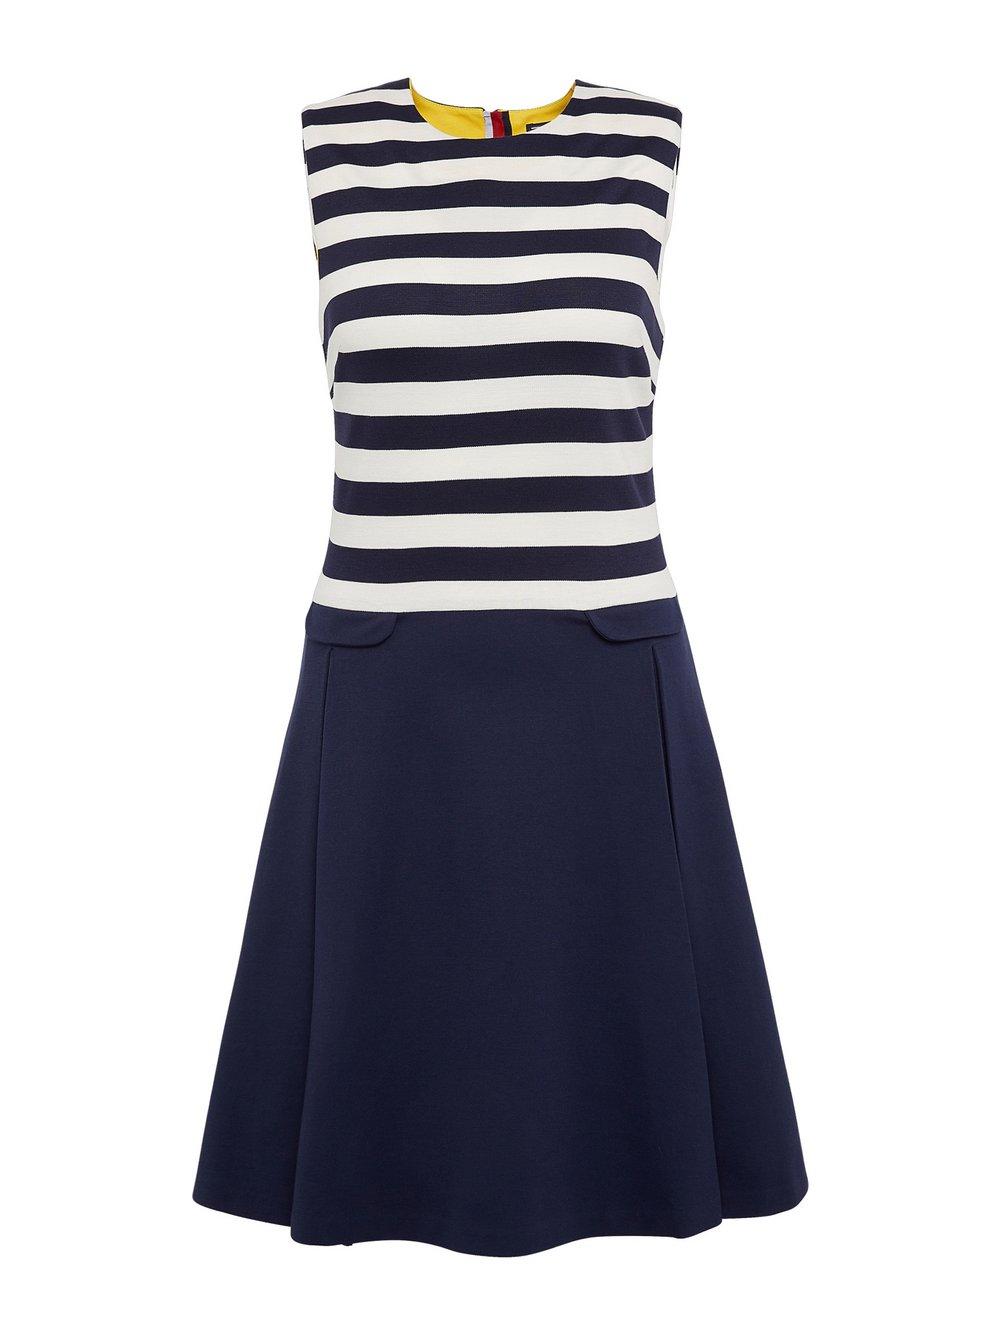 Tommy Hilfiger Damen Kleid New Fekla online kaufen